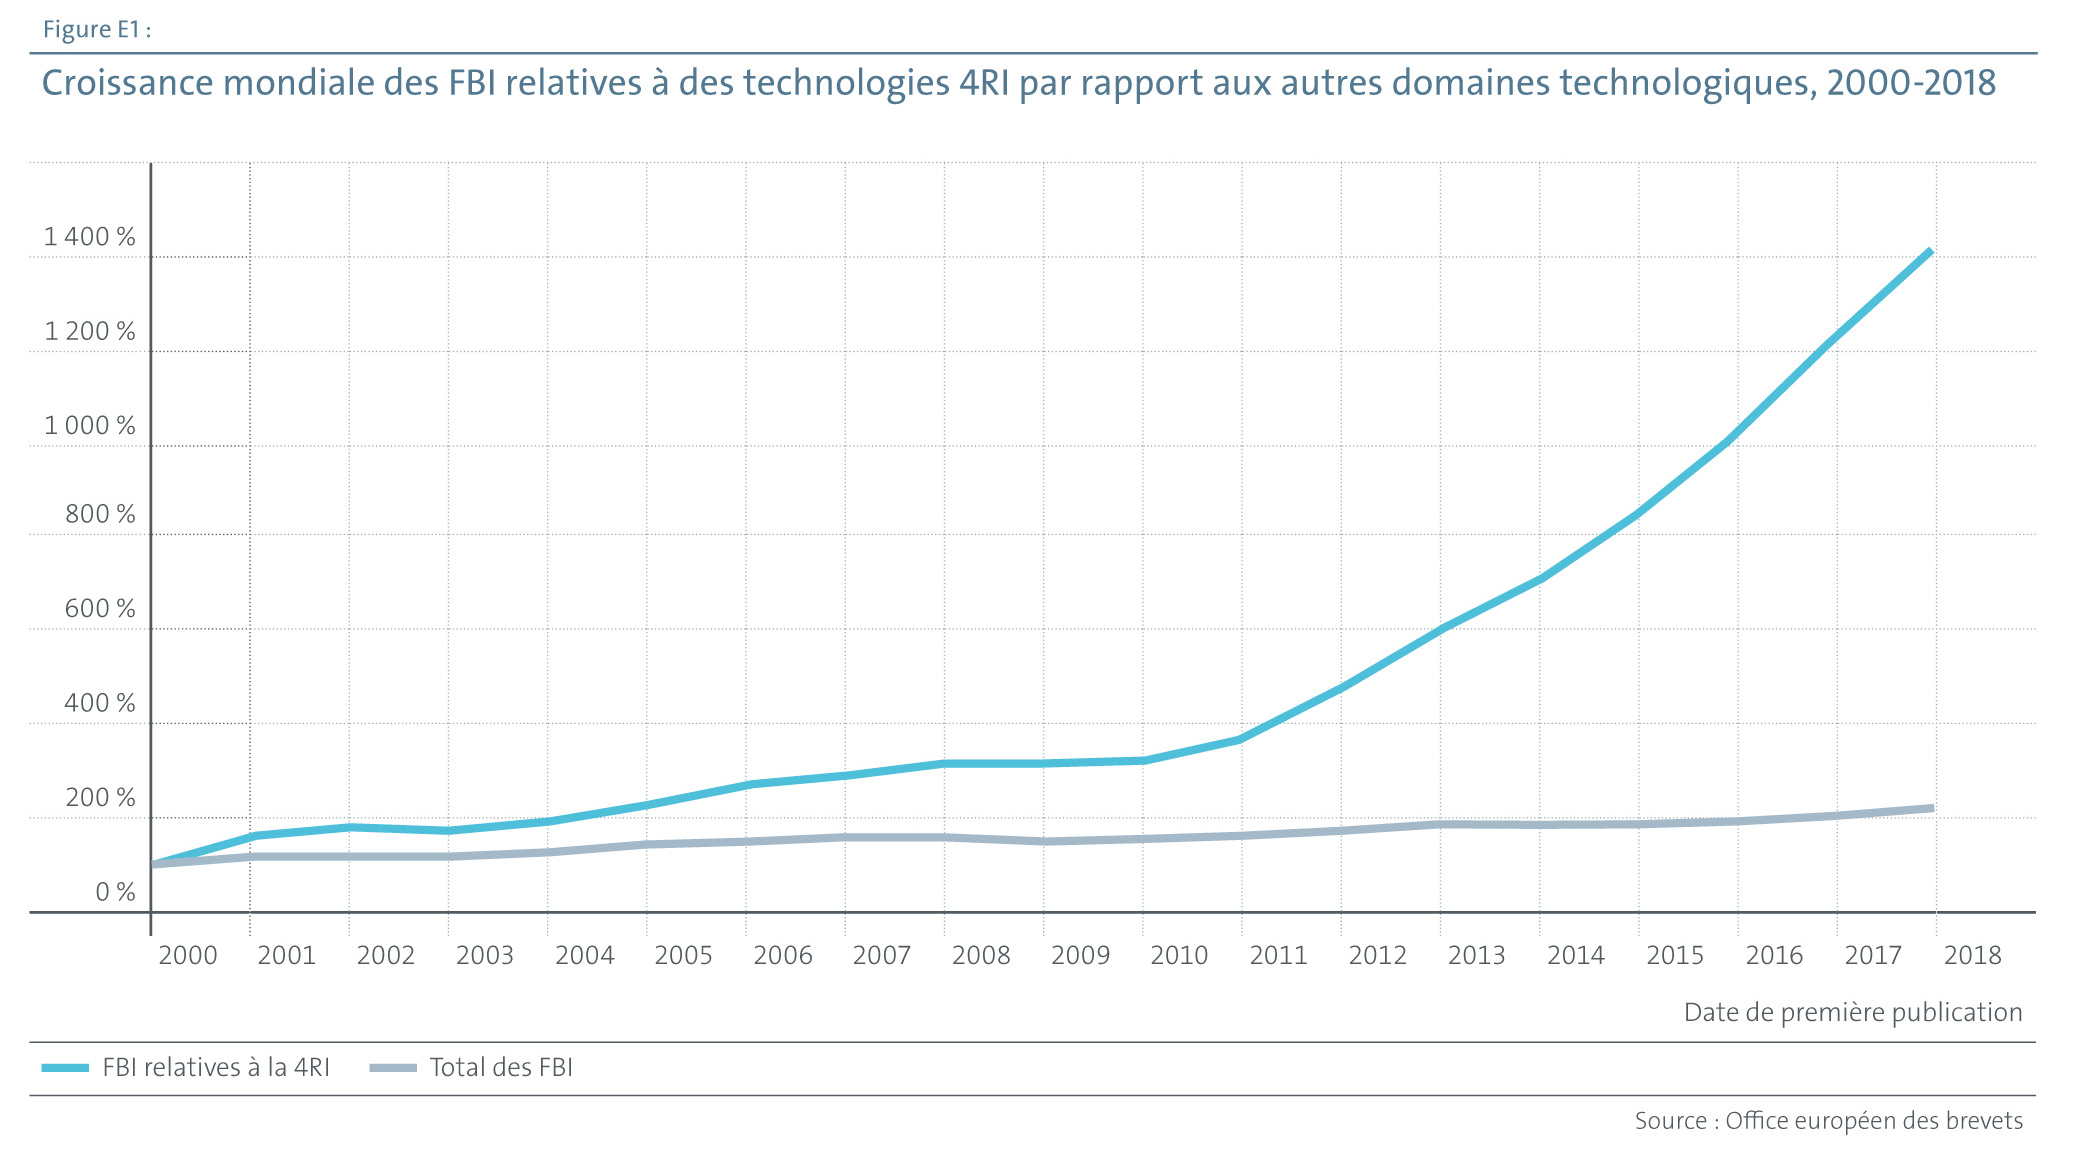 Croissance mondiale des FBI relatives à des technologies 4RI par rapport aux autres domaines technologiques, 2000-2018 (source OEB)